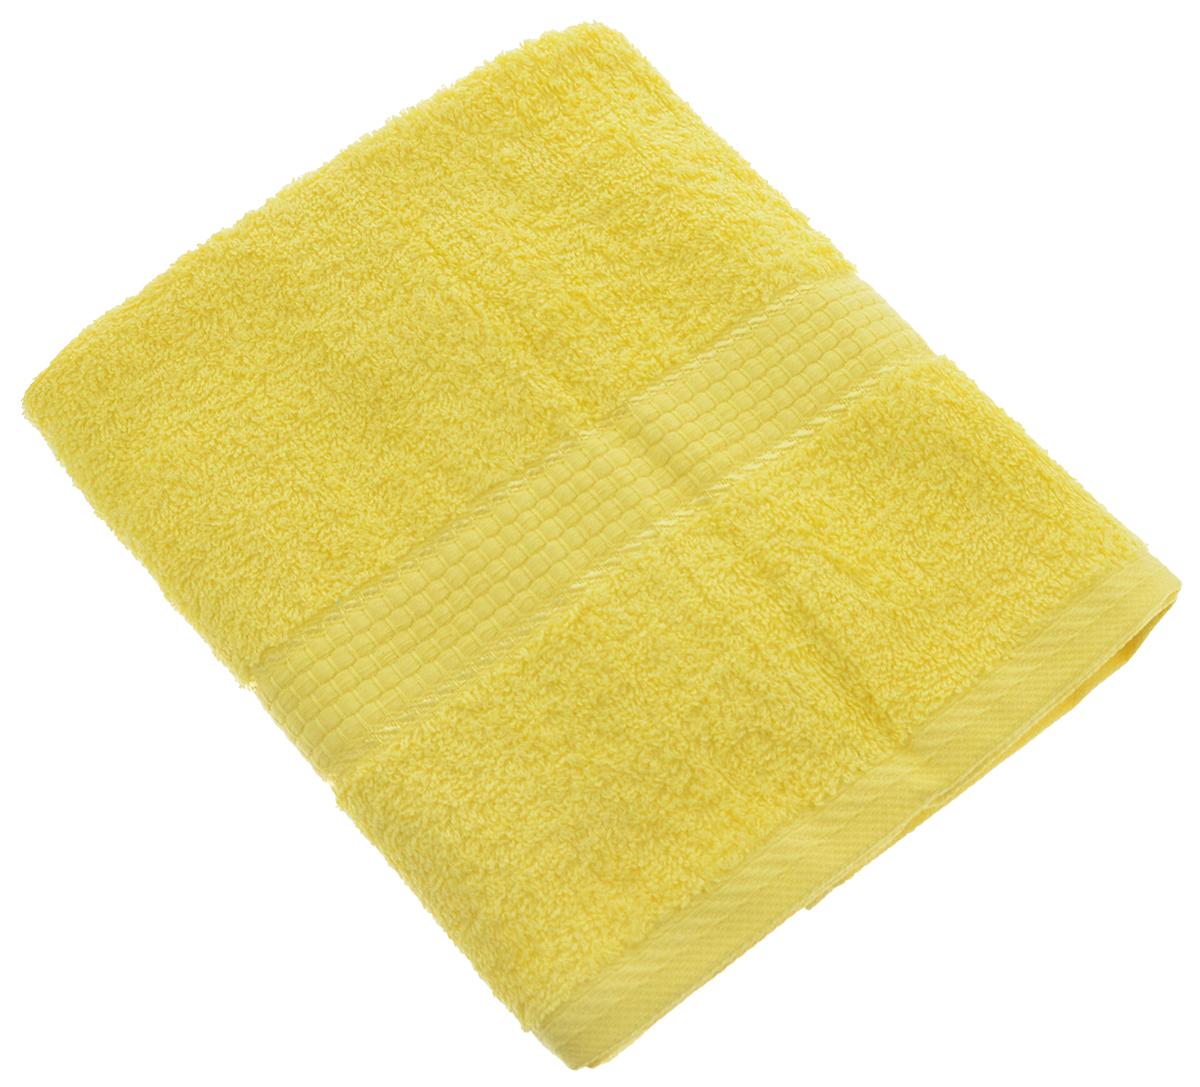 Полотенце Aisha Home Textile, цвет: желтый, 50 х 90 смУзТ-ПМ-112-08-21кПолотенце Aisha Home Textile выполнено из 100% хлопка. Изделие отлично впитывает влагу, быстро сохнет, сохраняет яркость цвета и не теряет форму даже после многократных стирок. Такое полотенце очень практично и неприхотливо в уходе. Оно создаст прекрасное настроение и украсит интерьер в ванной комнате. Полотенце упаковано в красивую коробку и может послужит отличной идеей подарка.